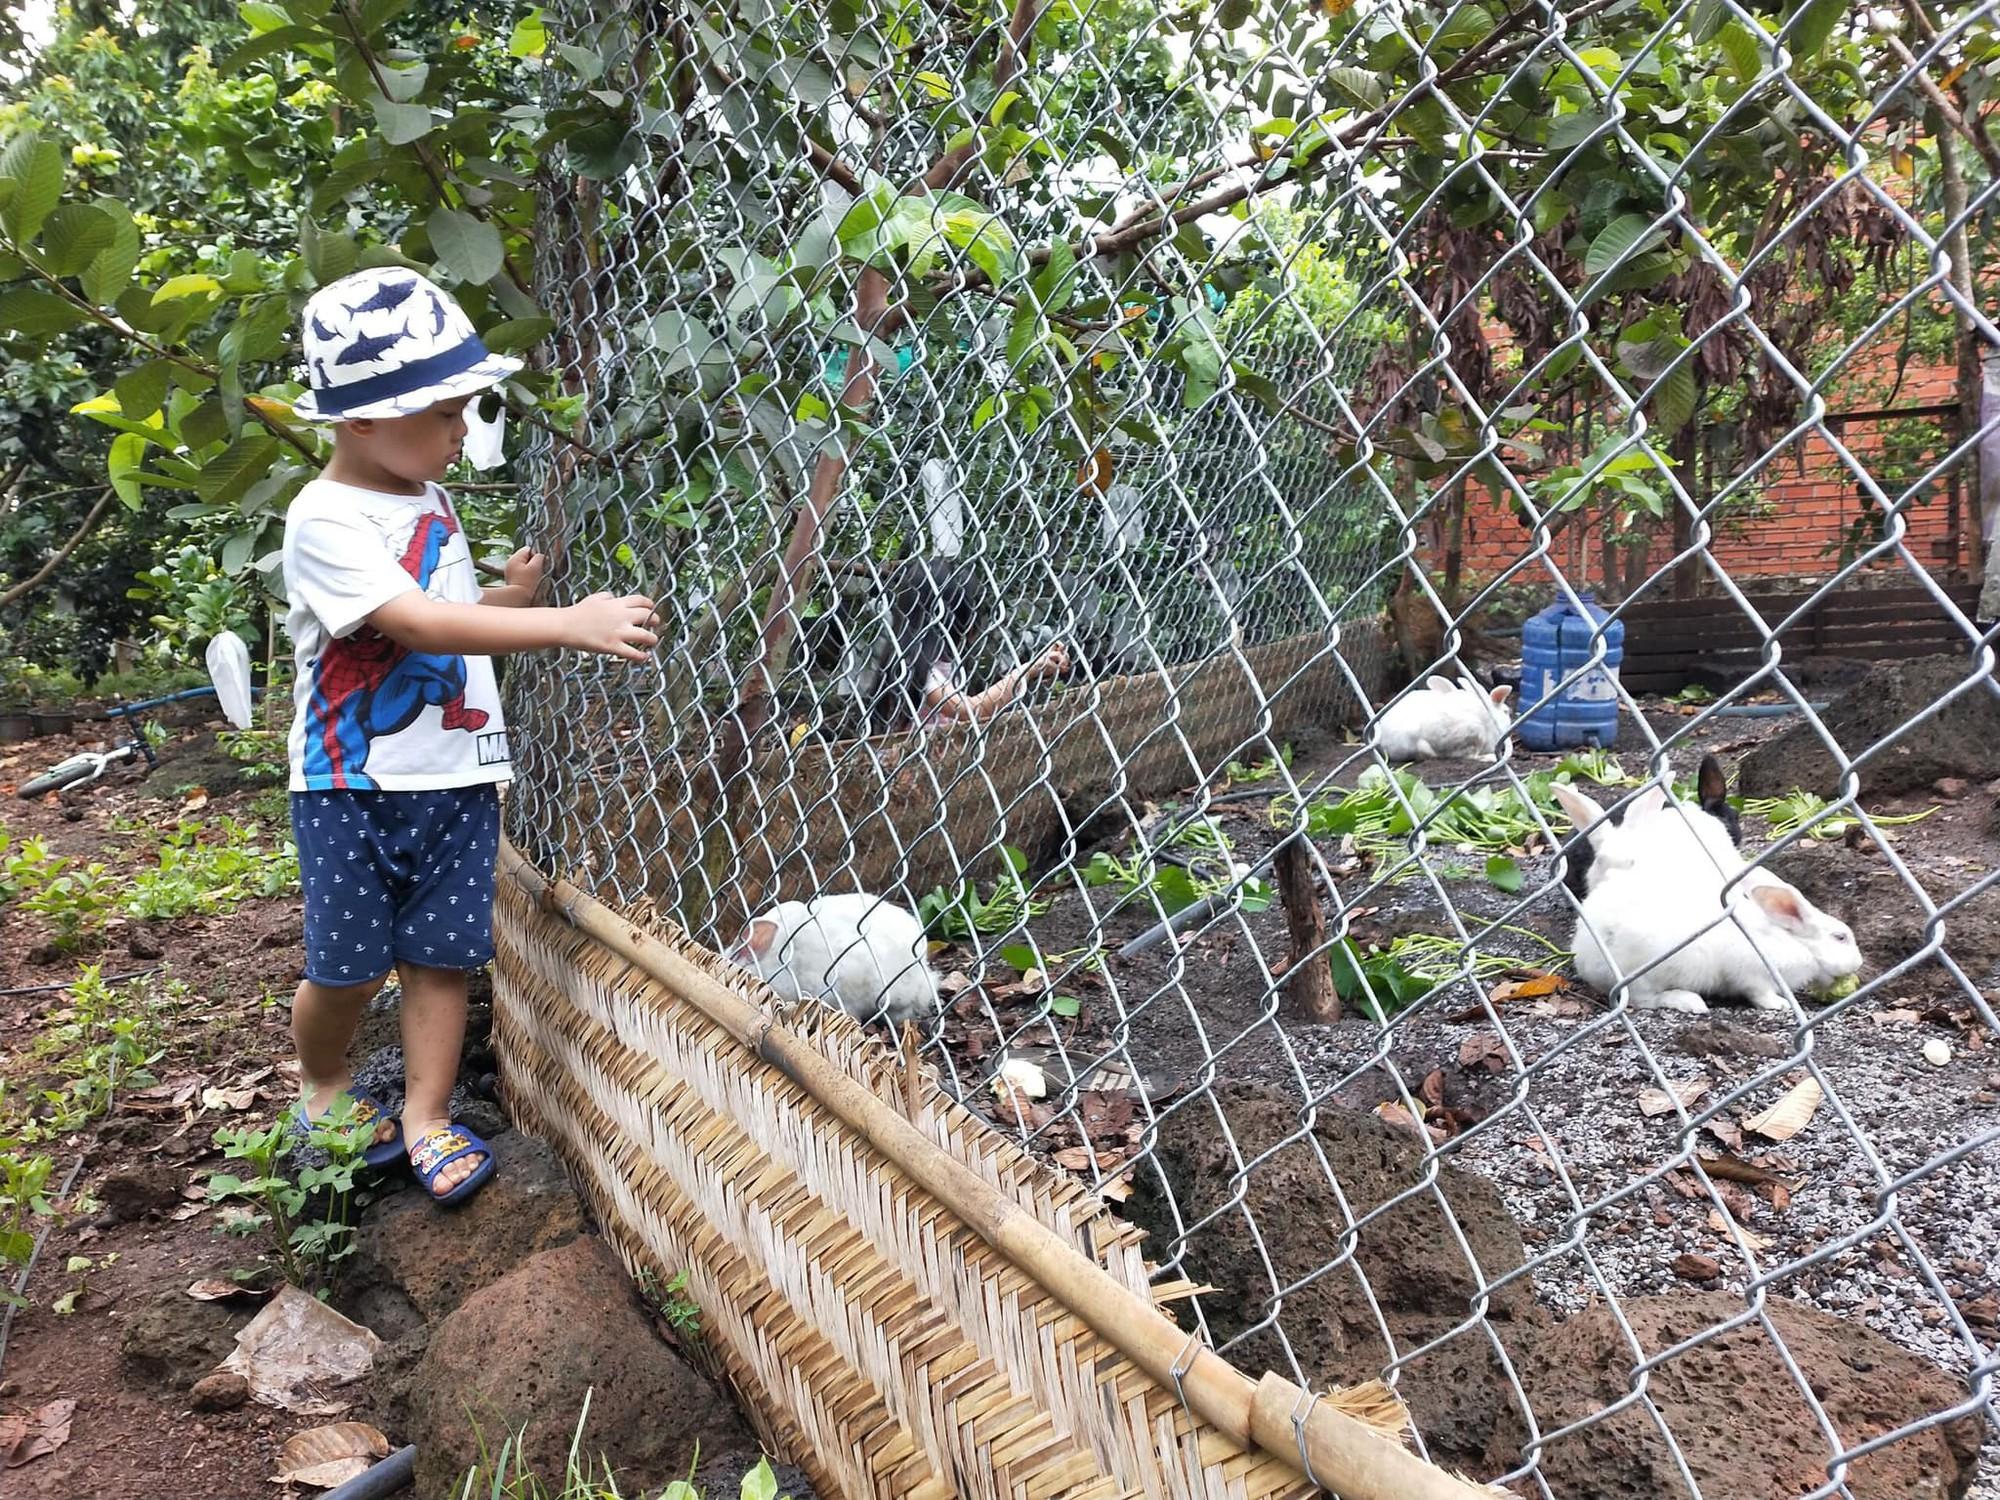 Những tour du lịch sinh thái gần Sài Gòn cho các gia đình có trẻ nhỏ ngày hè - Ảnh 2.